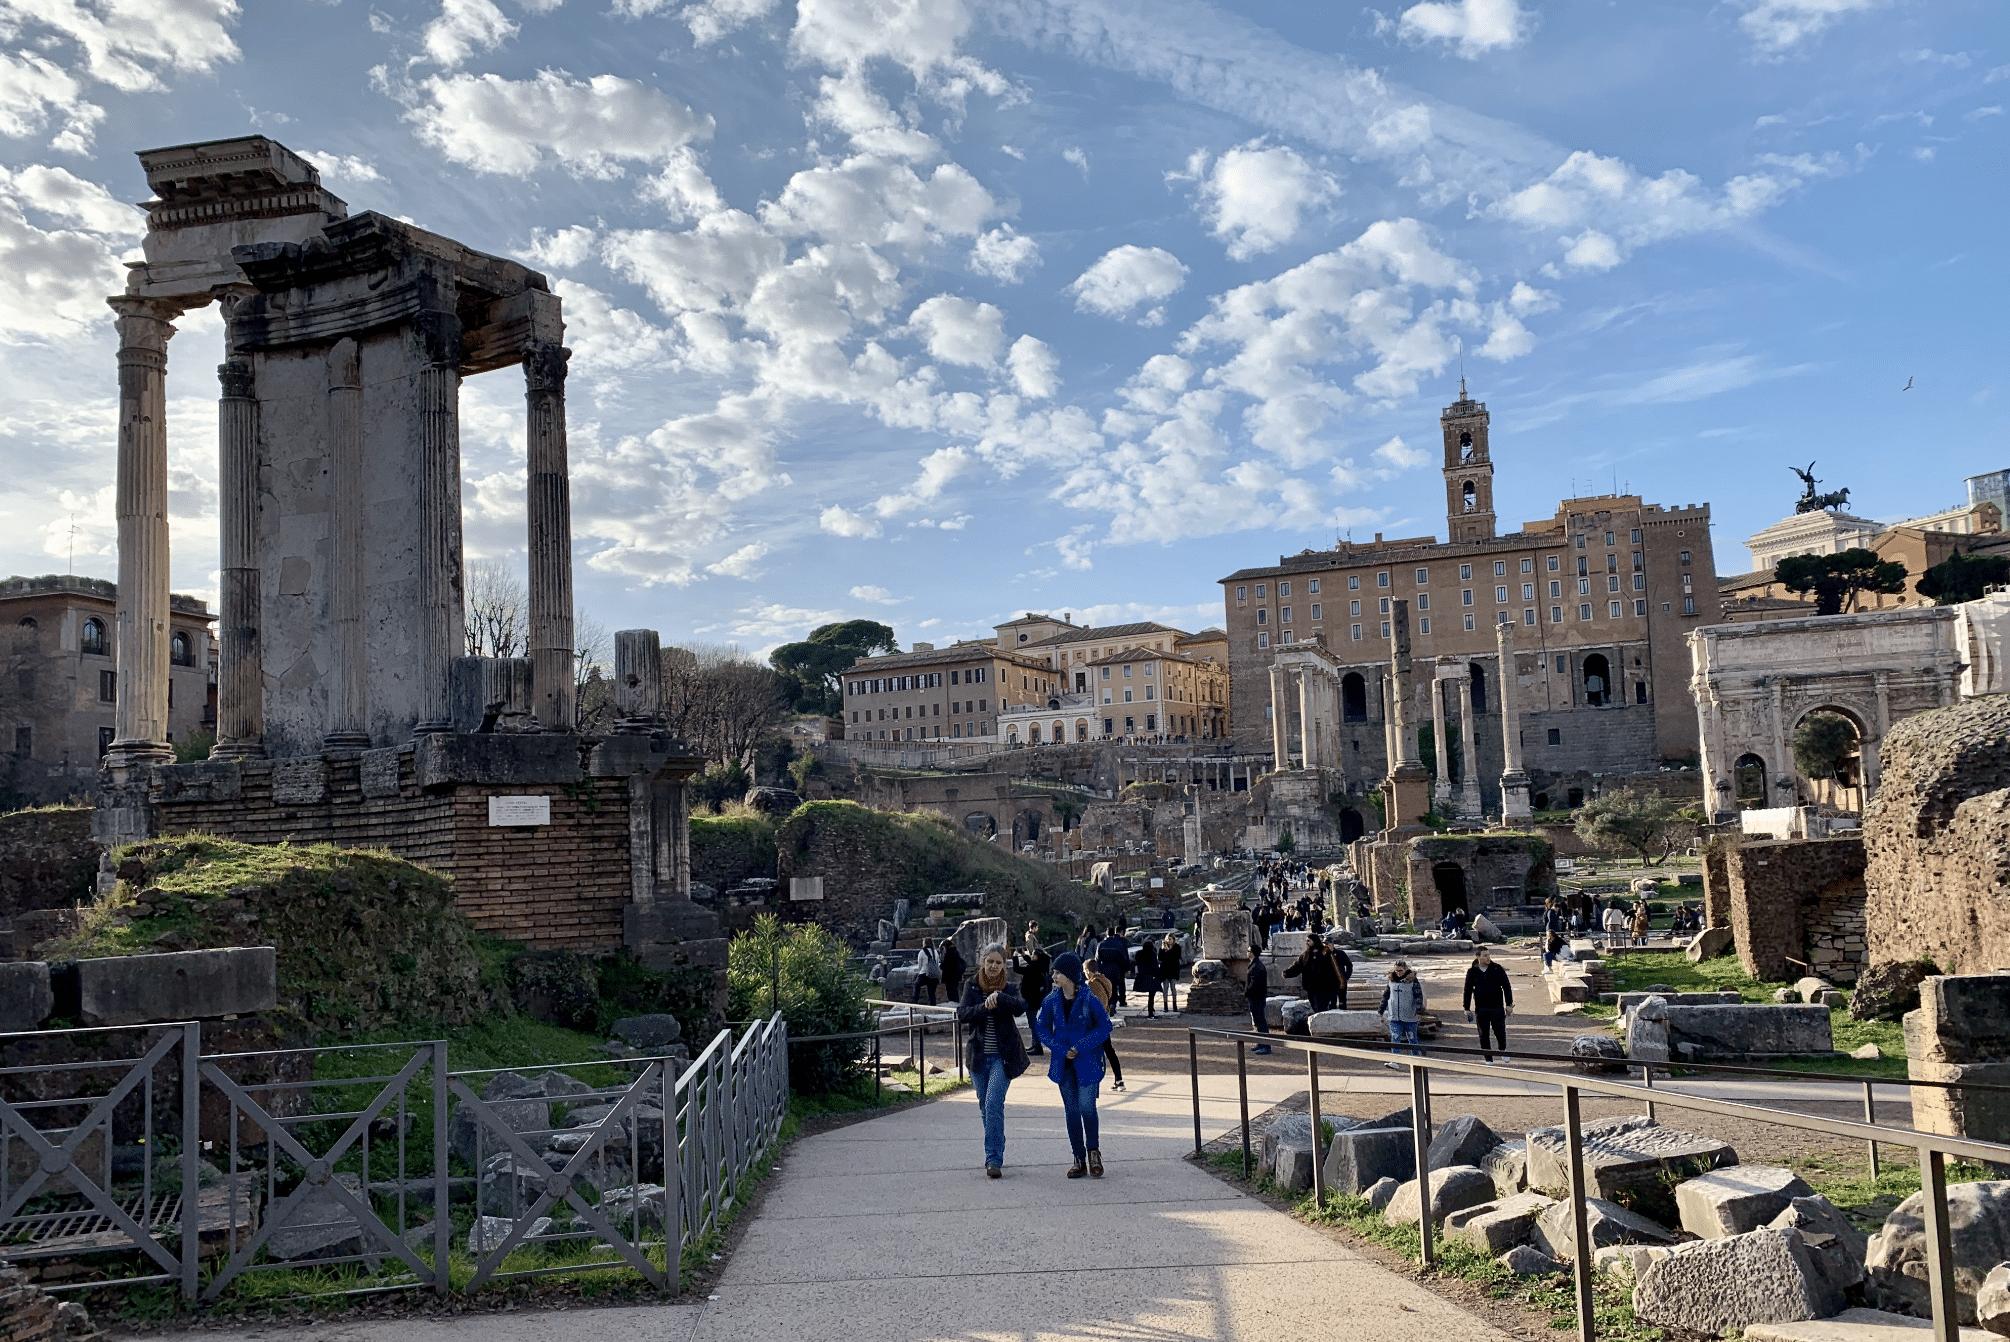 visiter rome : le foro romano